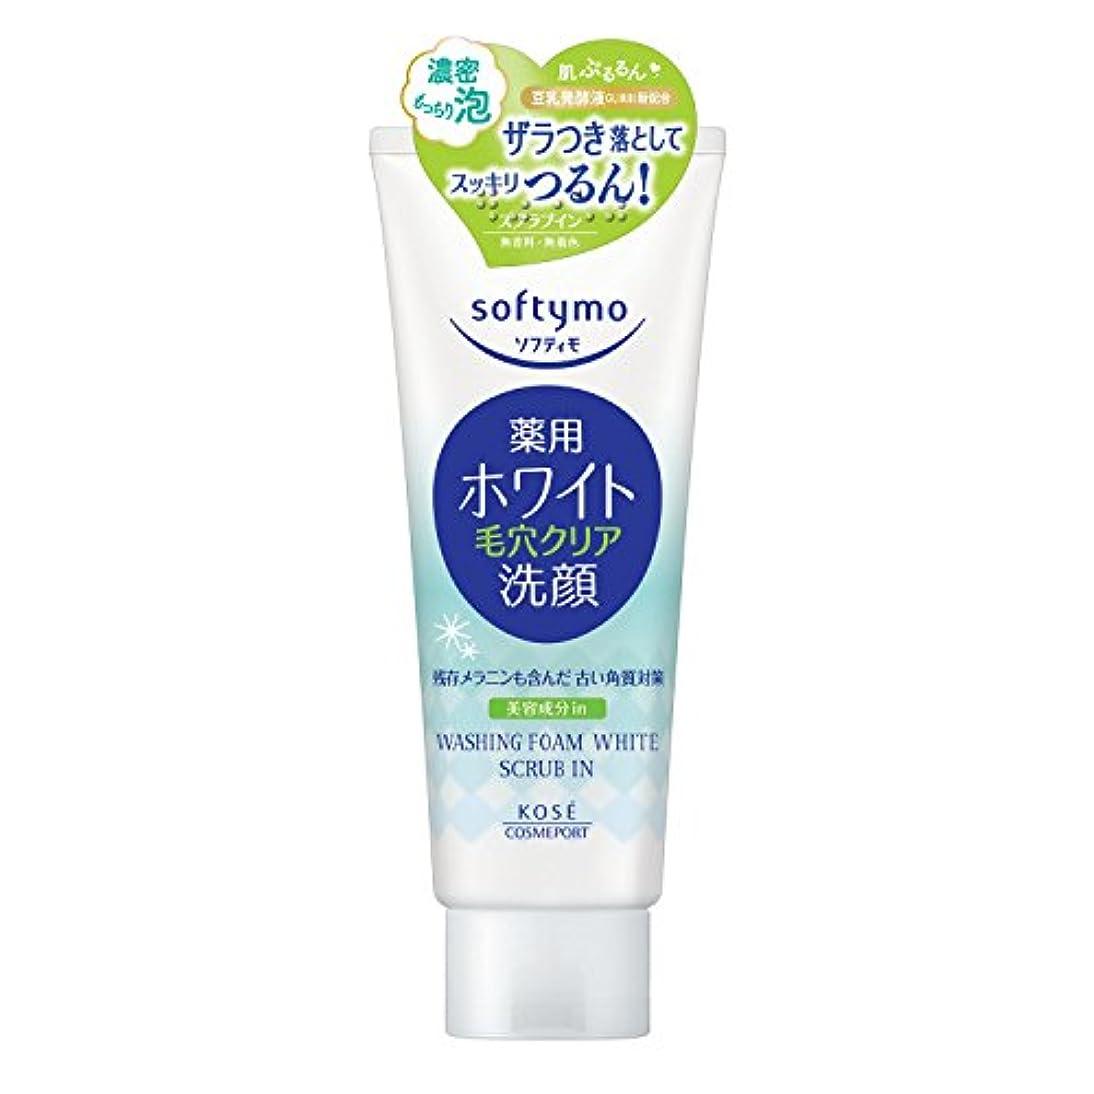 素朴な繊維作りますKOSE ソフティモ 薬用洗顔フォーム(ホワイト)スクラブイン【医薬部外品】